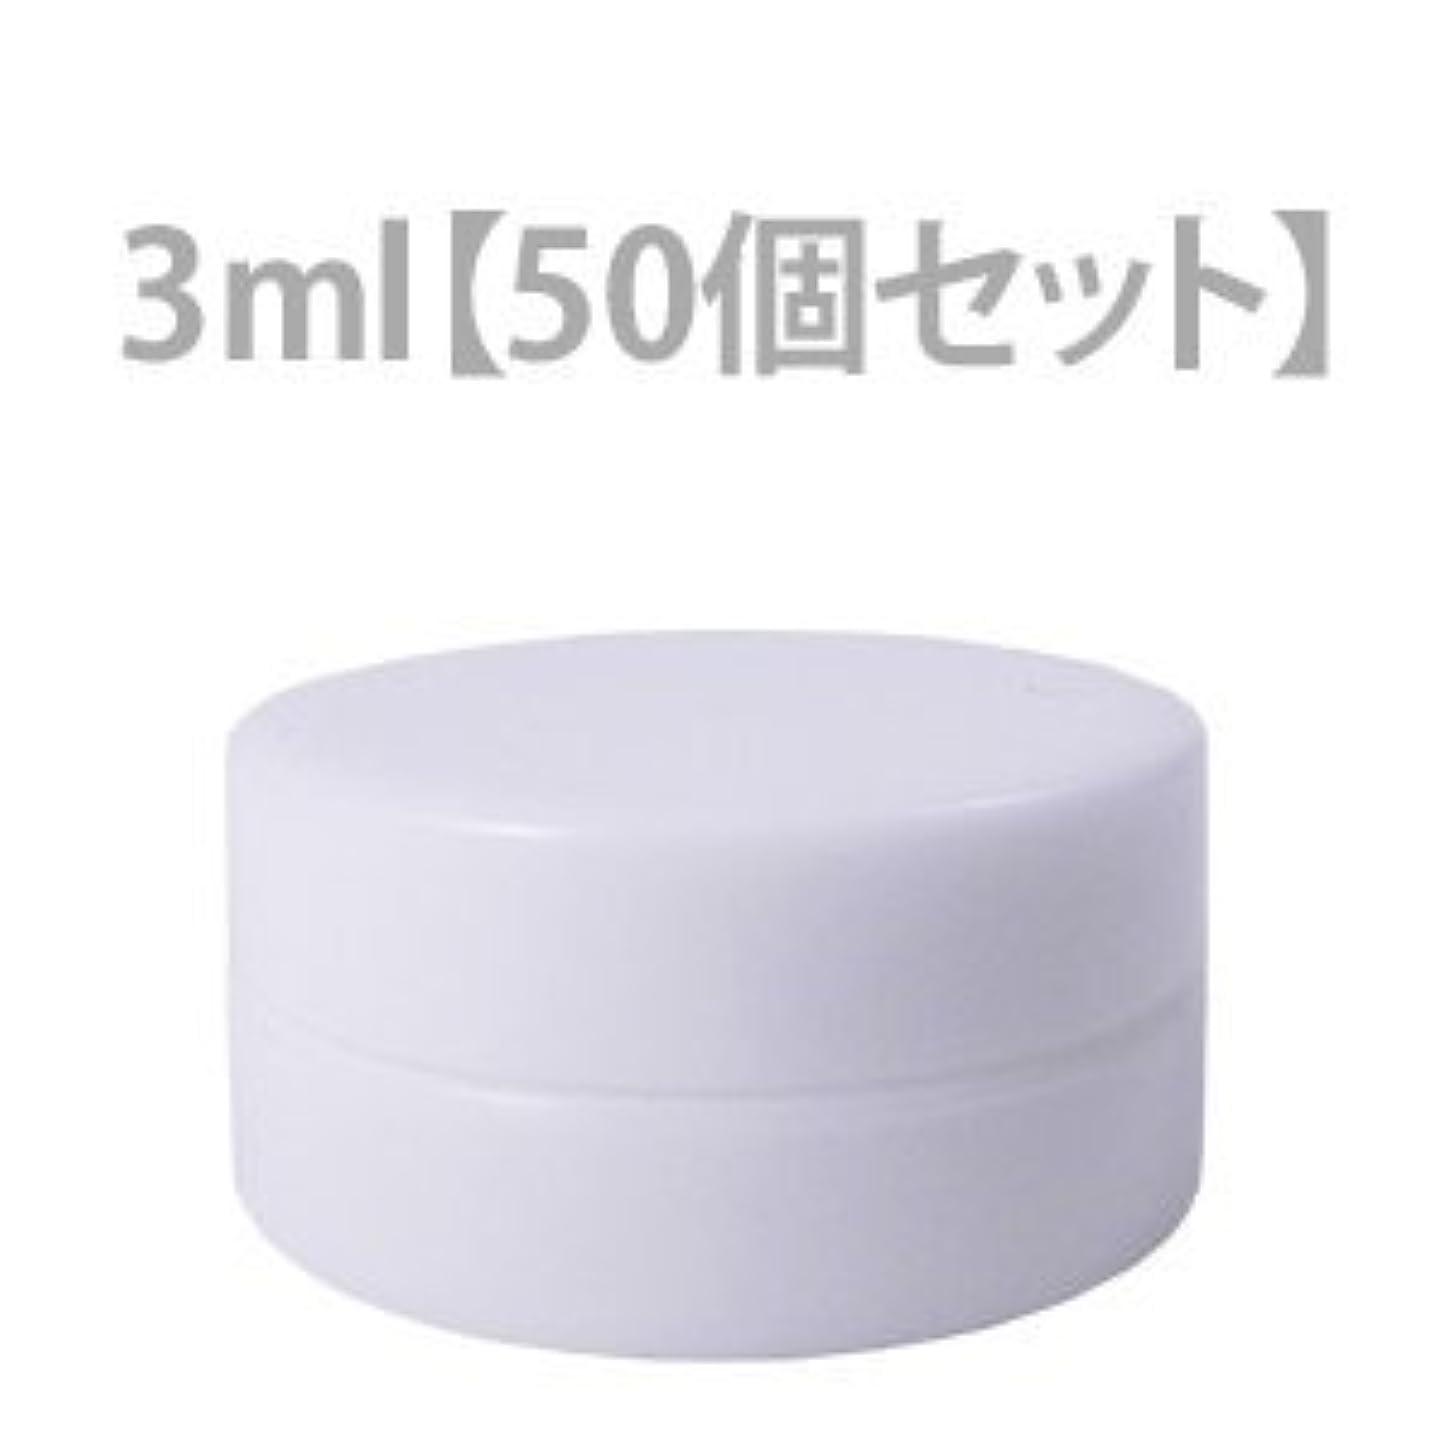 レオナルドダいうテレックスクリーム用容器 化粧品容器 3ml 50個セット